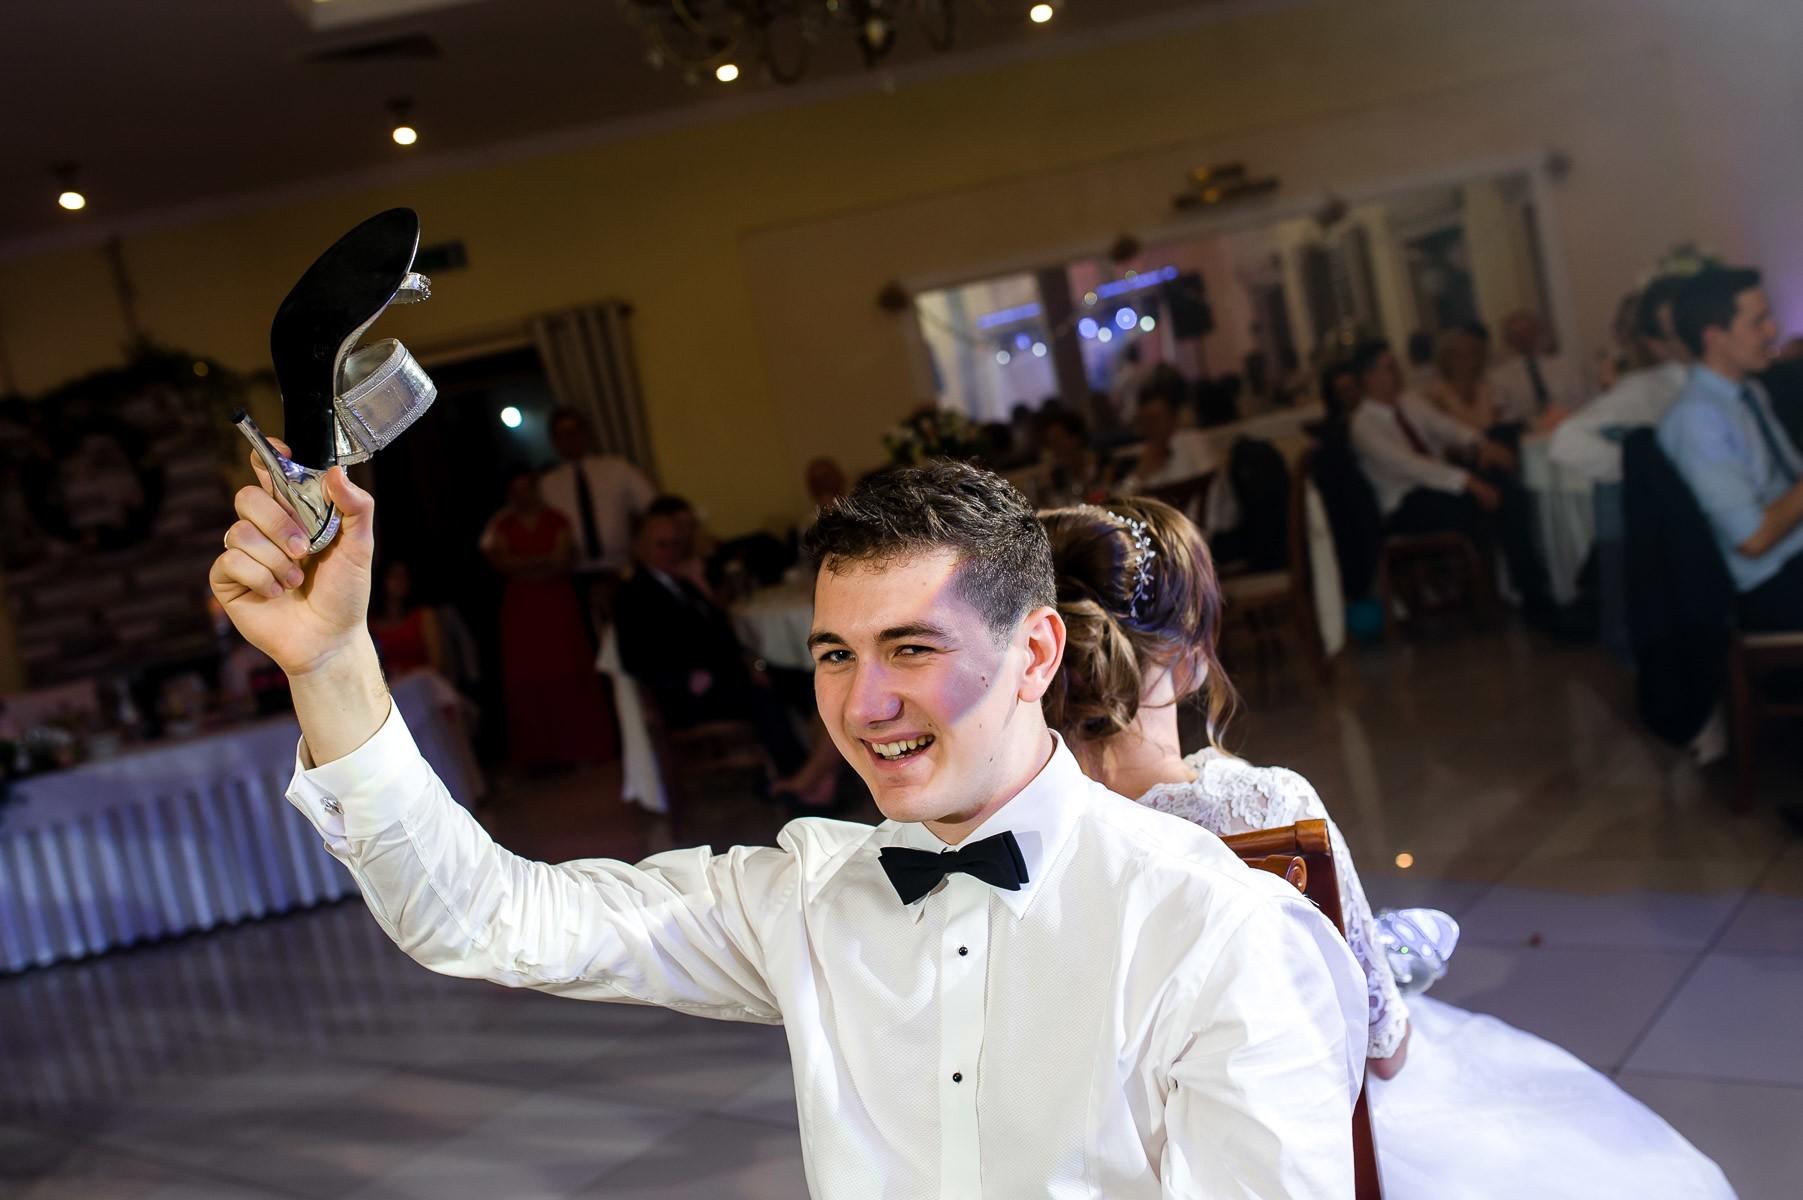 sala na skarpie fotograf slubny slask malopolska adam pietrusiak plener slubny w gorach jw wedding 172